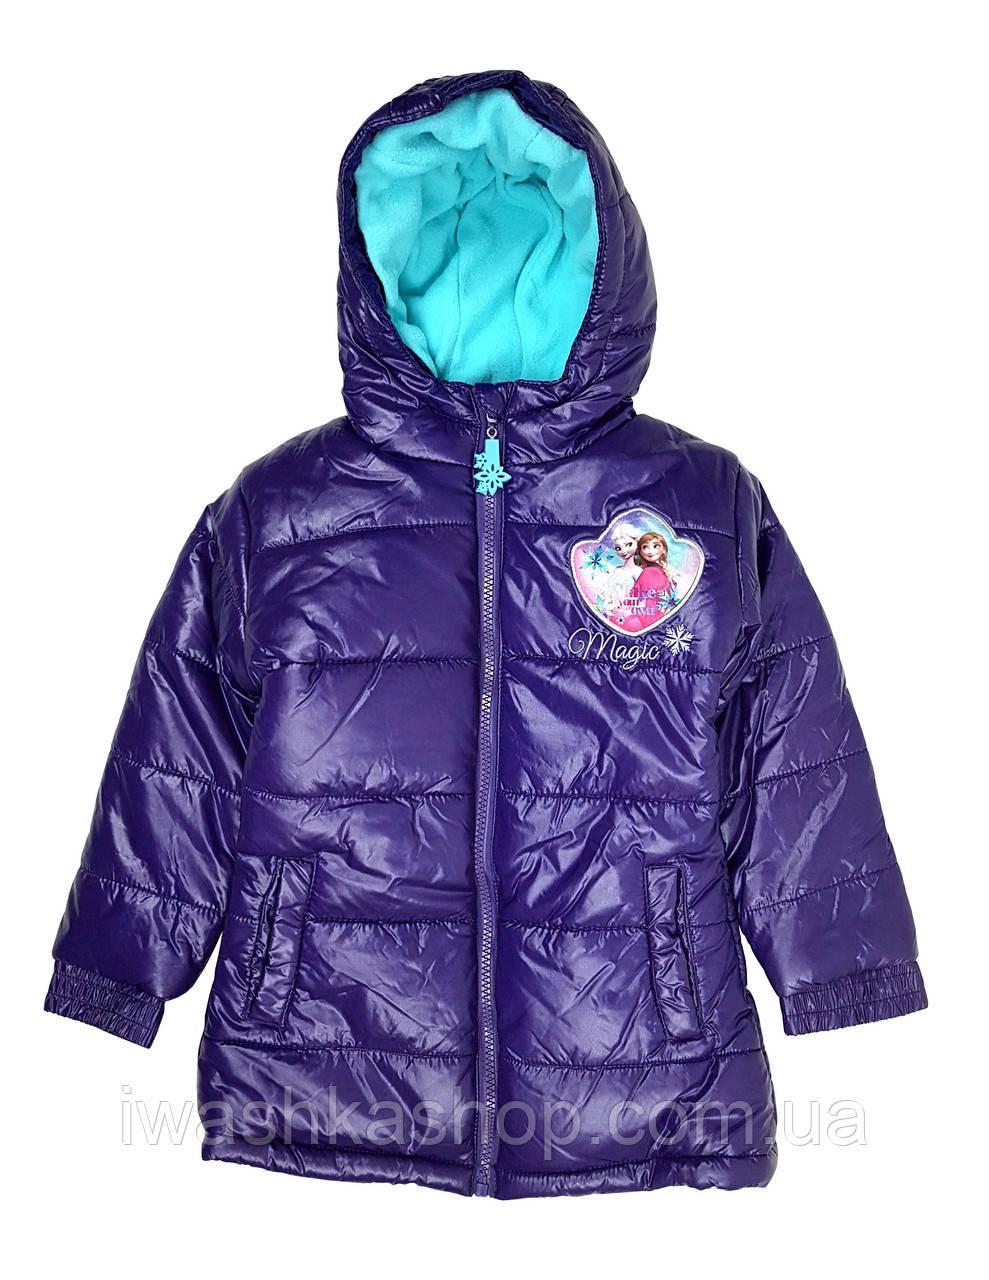 Тепла фіолетова куртка еврозима Frozen, Холодне серце на дівчинку 5 років, р. 110, Disney / Frozen.